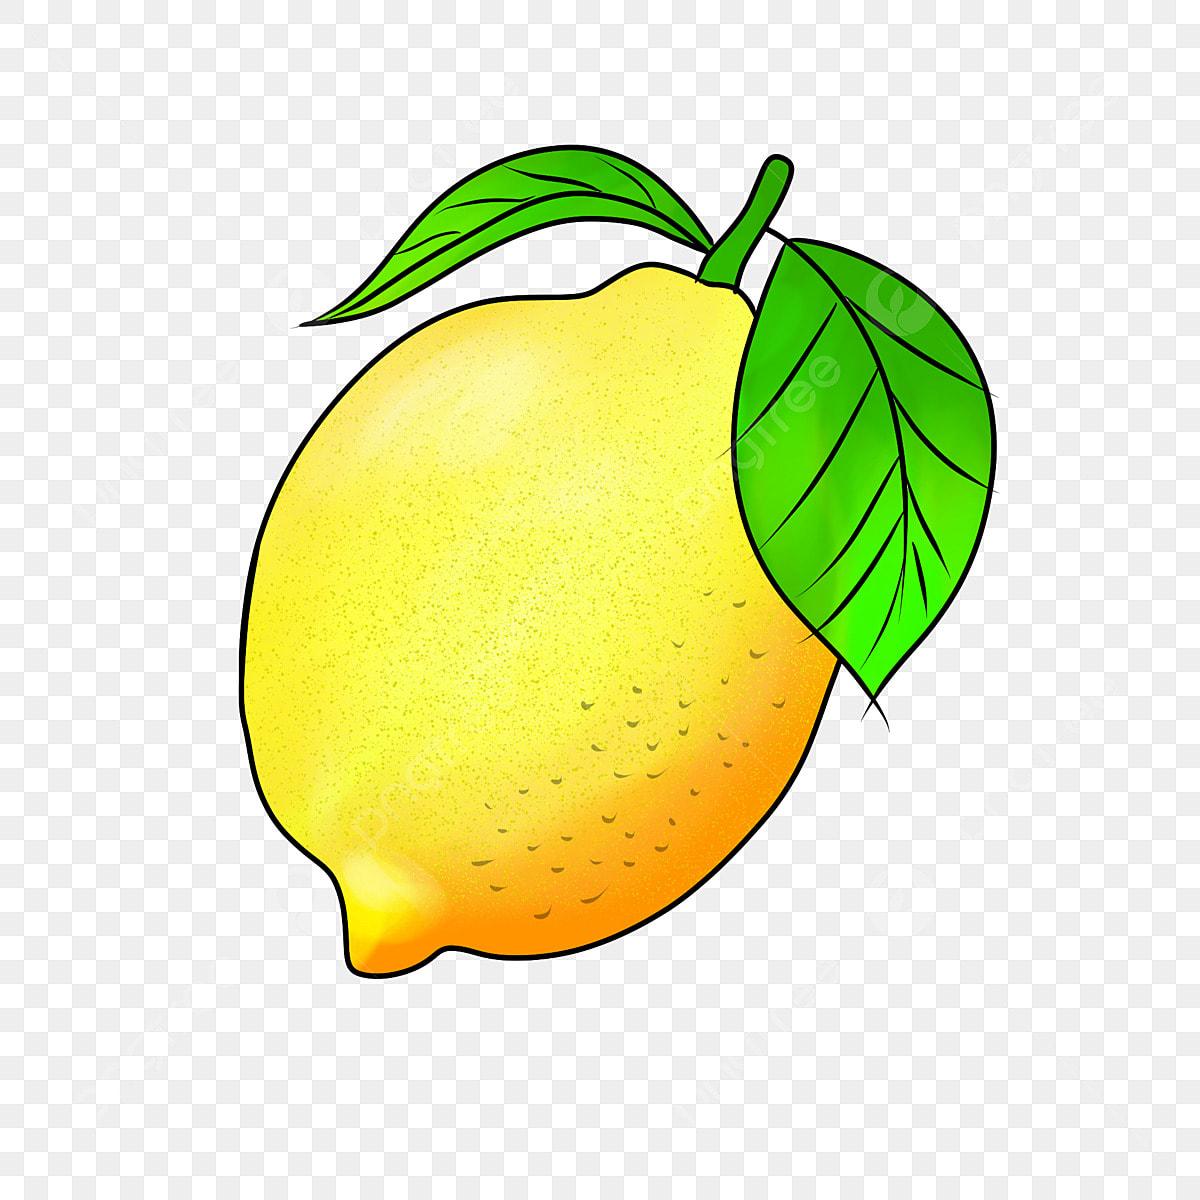 無料ダウンロードのための黄色レモンの背景 レモン 清新 レモンの切れpng